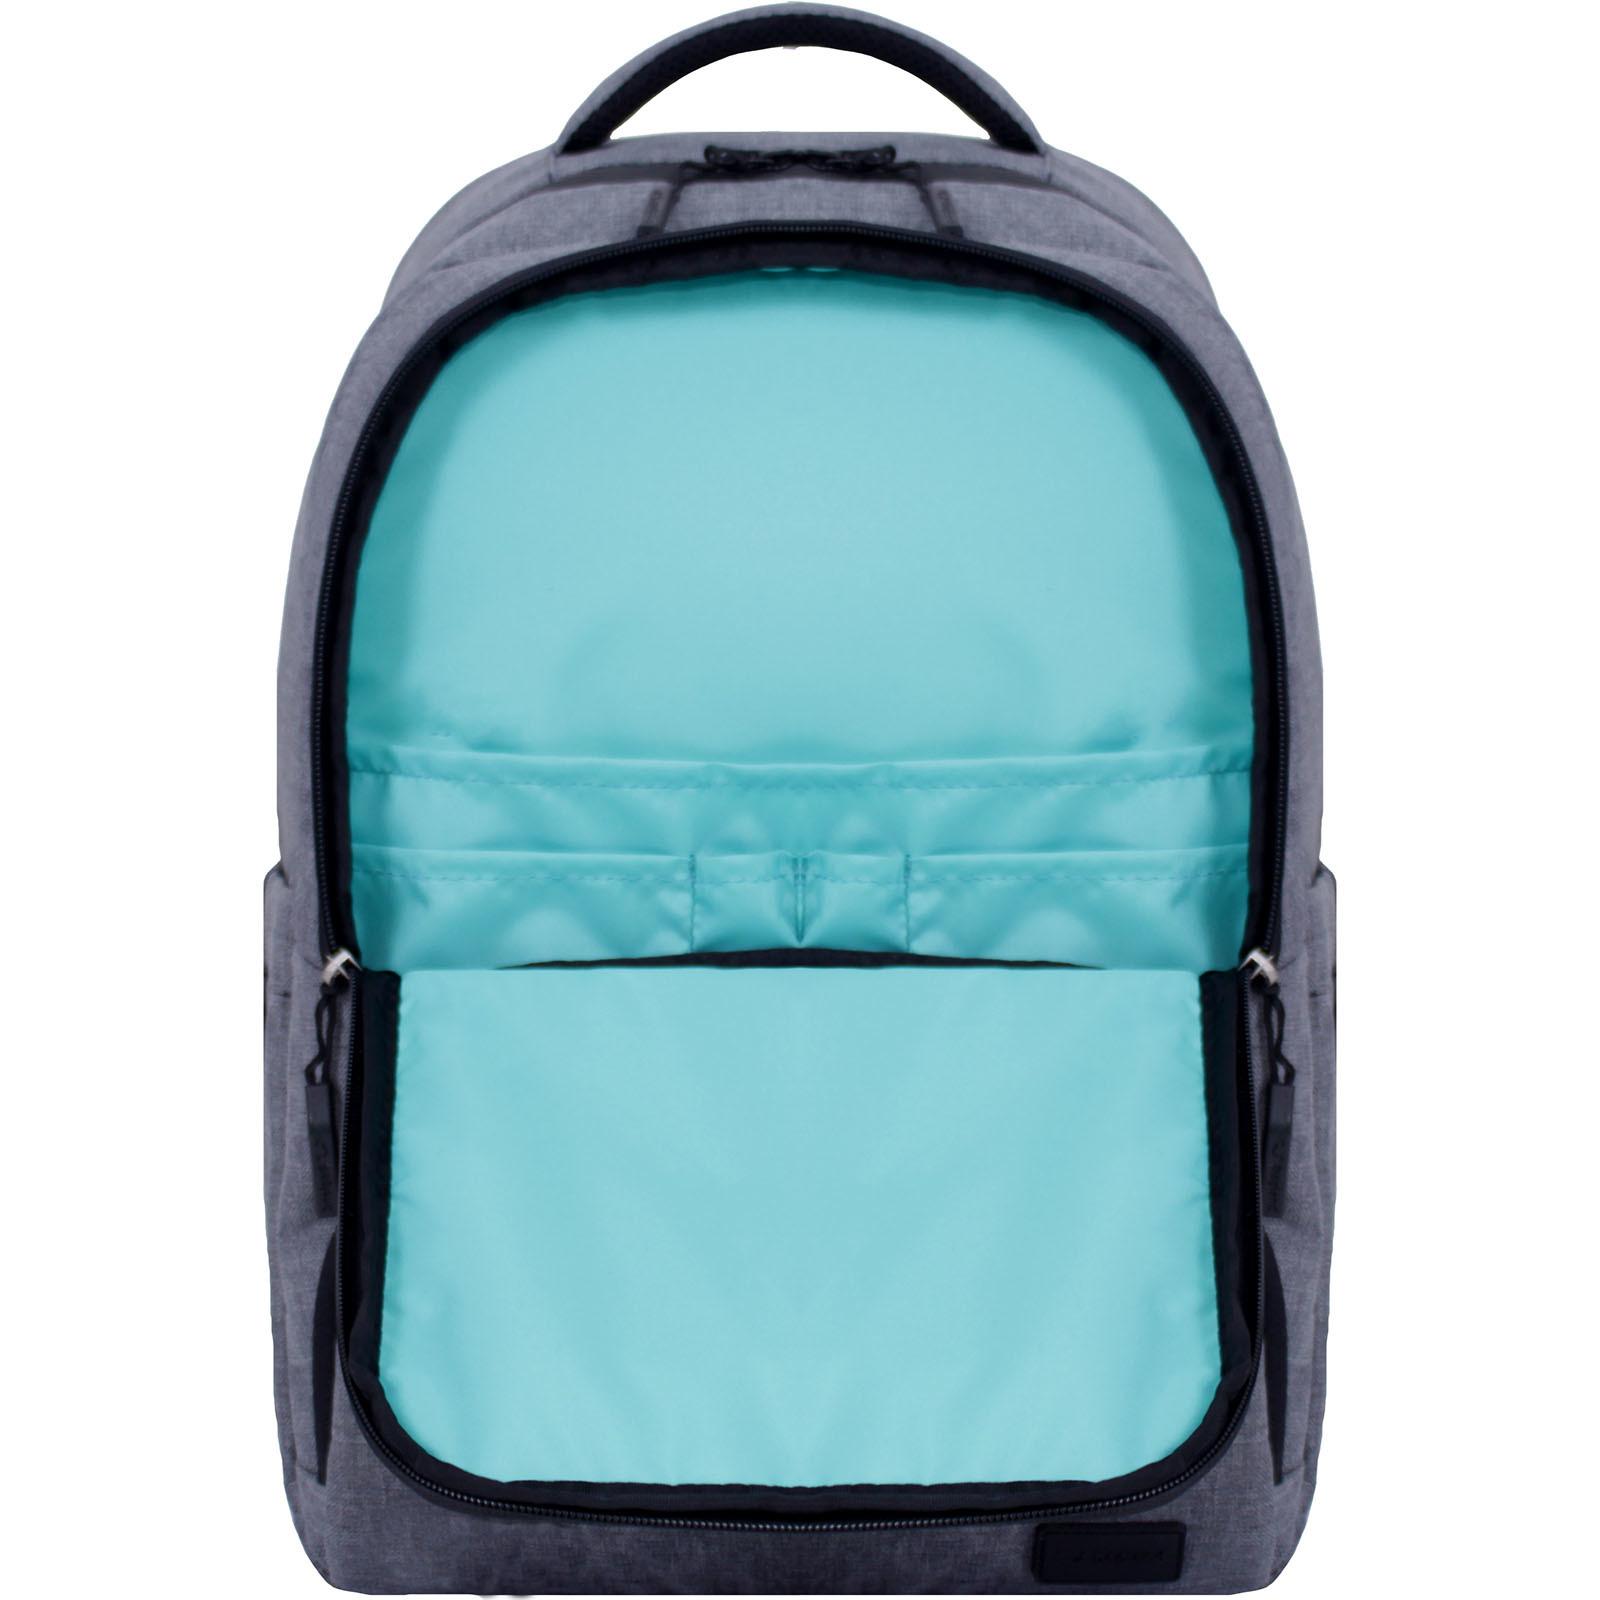 Рюкзак школьный Bagland STARK серый (0014366) фото 4